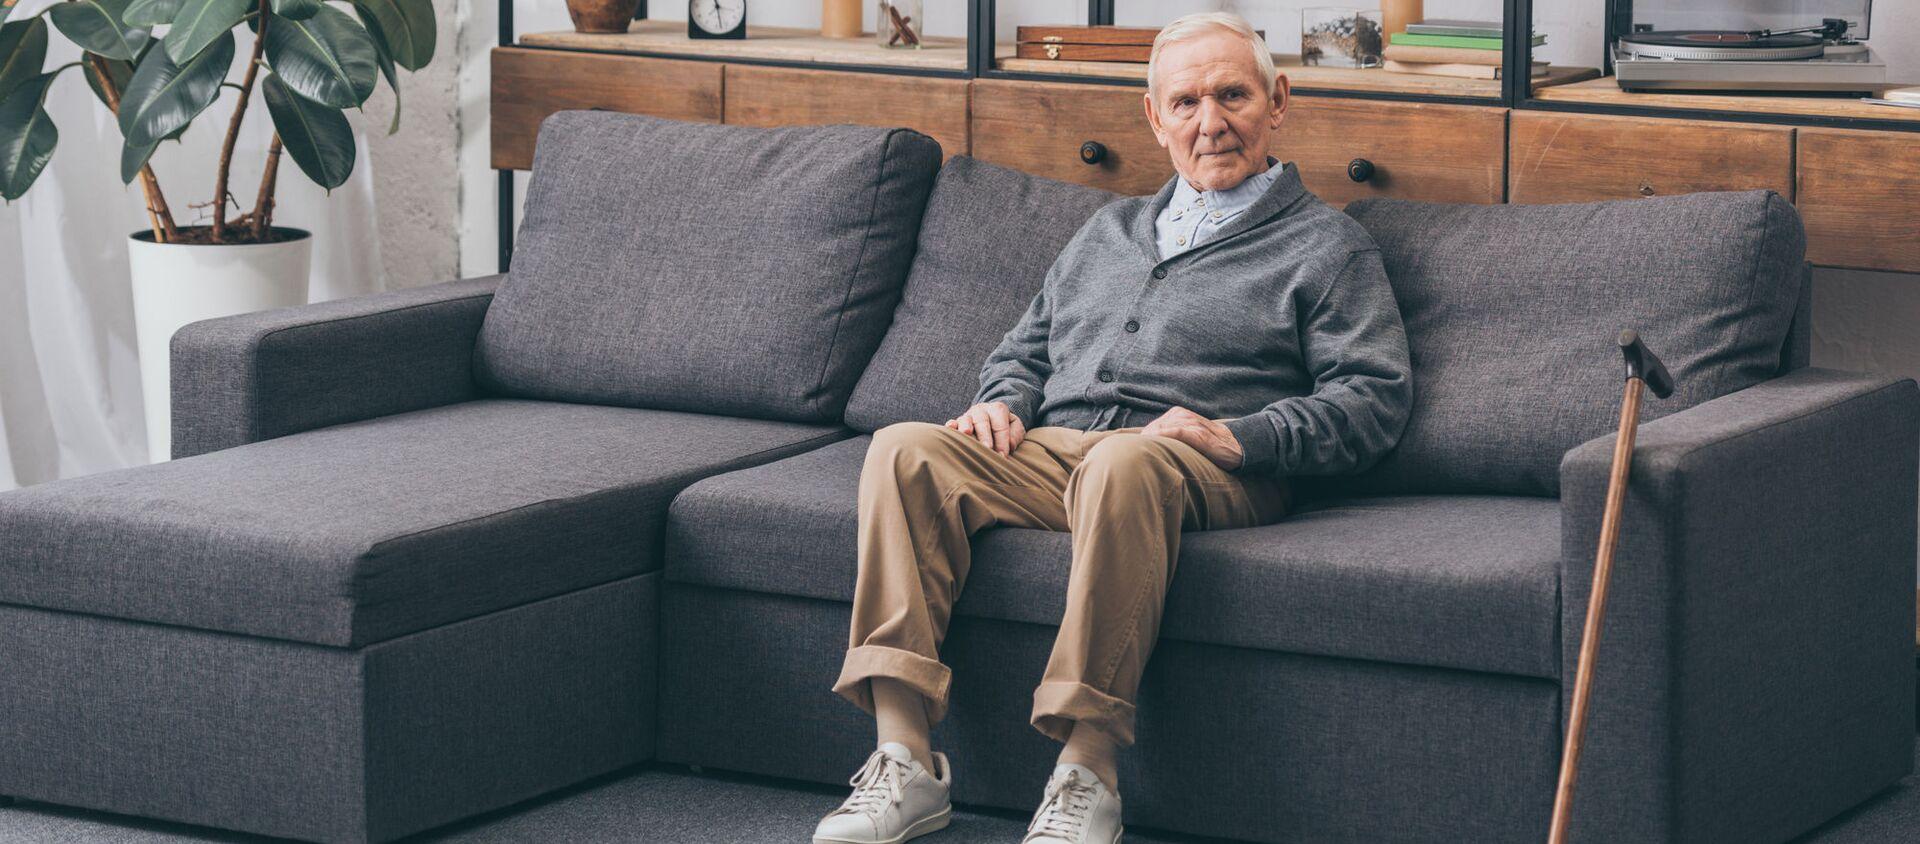 Un uomo anziano sul divano - Sputnik Italia, 1920, 15.03.2021